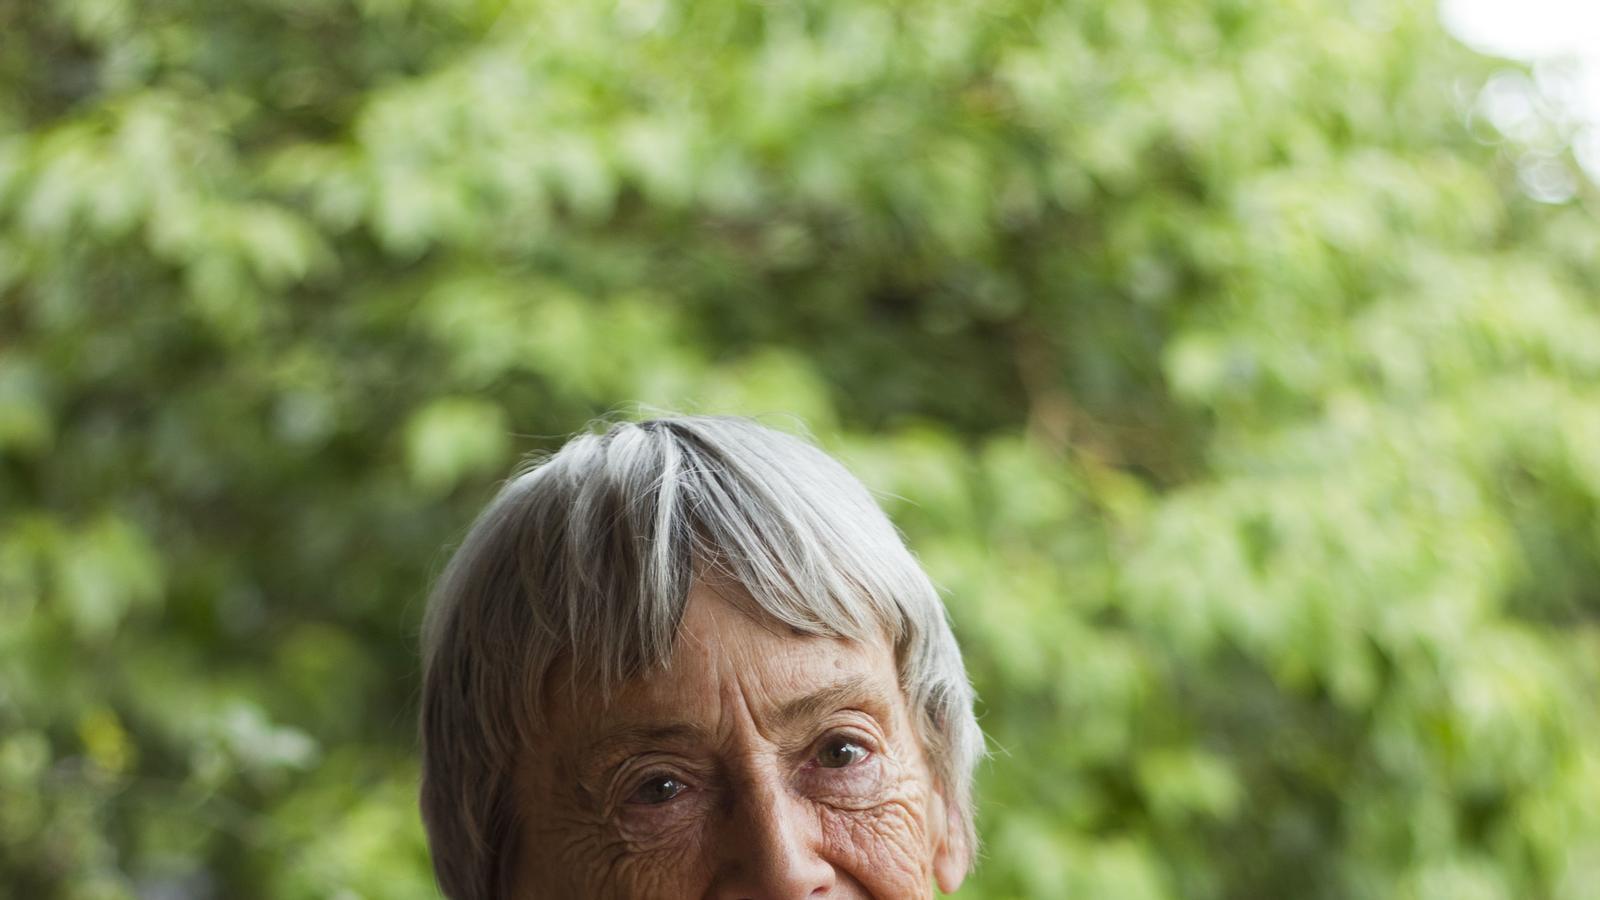 Ursula K. Le Guin, referent de la ciència ficció